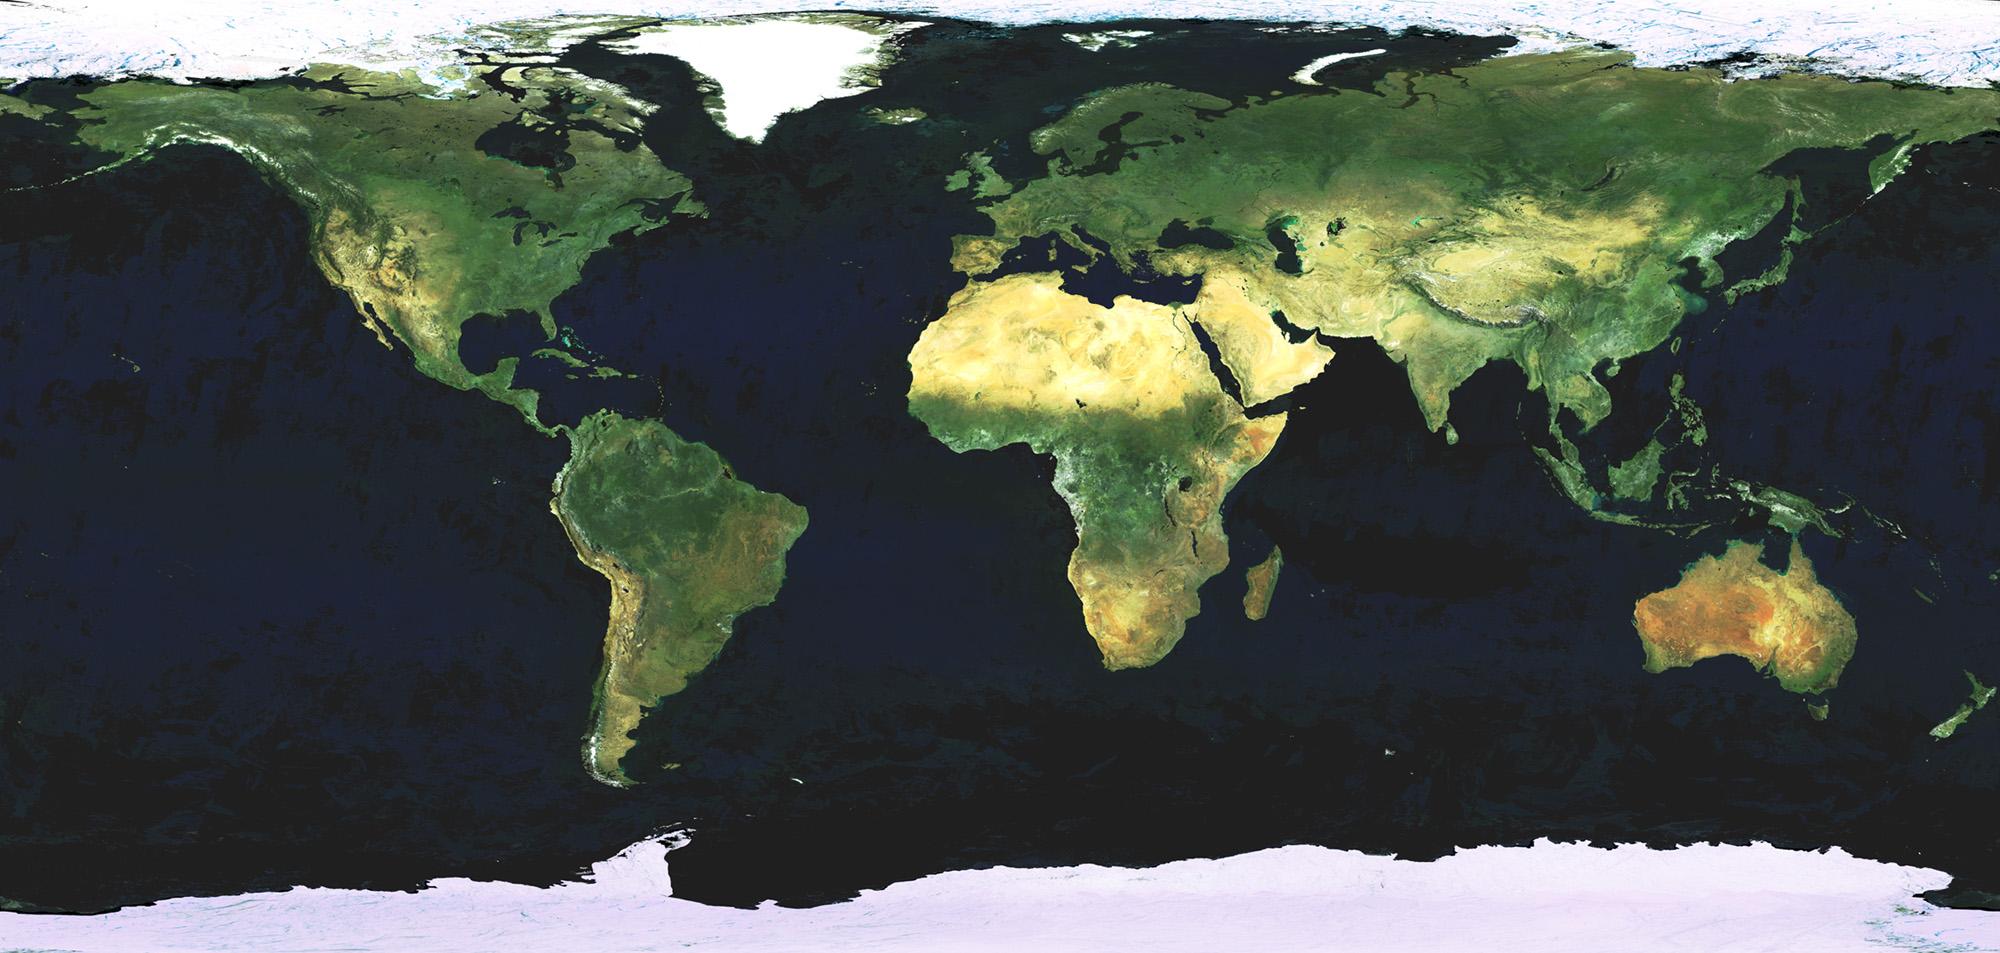 Bilde av hele jorda, tatt av den europeiske jordobservasjonssatellitten Envisat. Foto: ESA